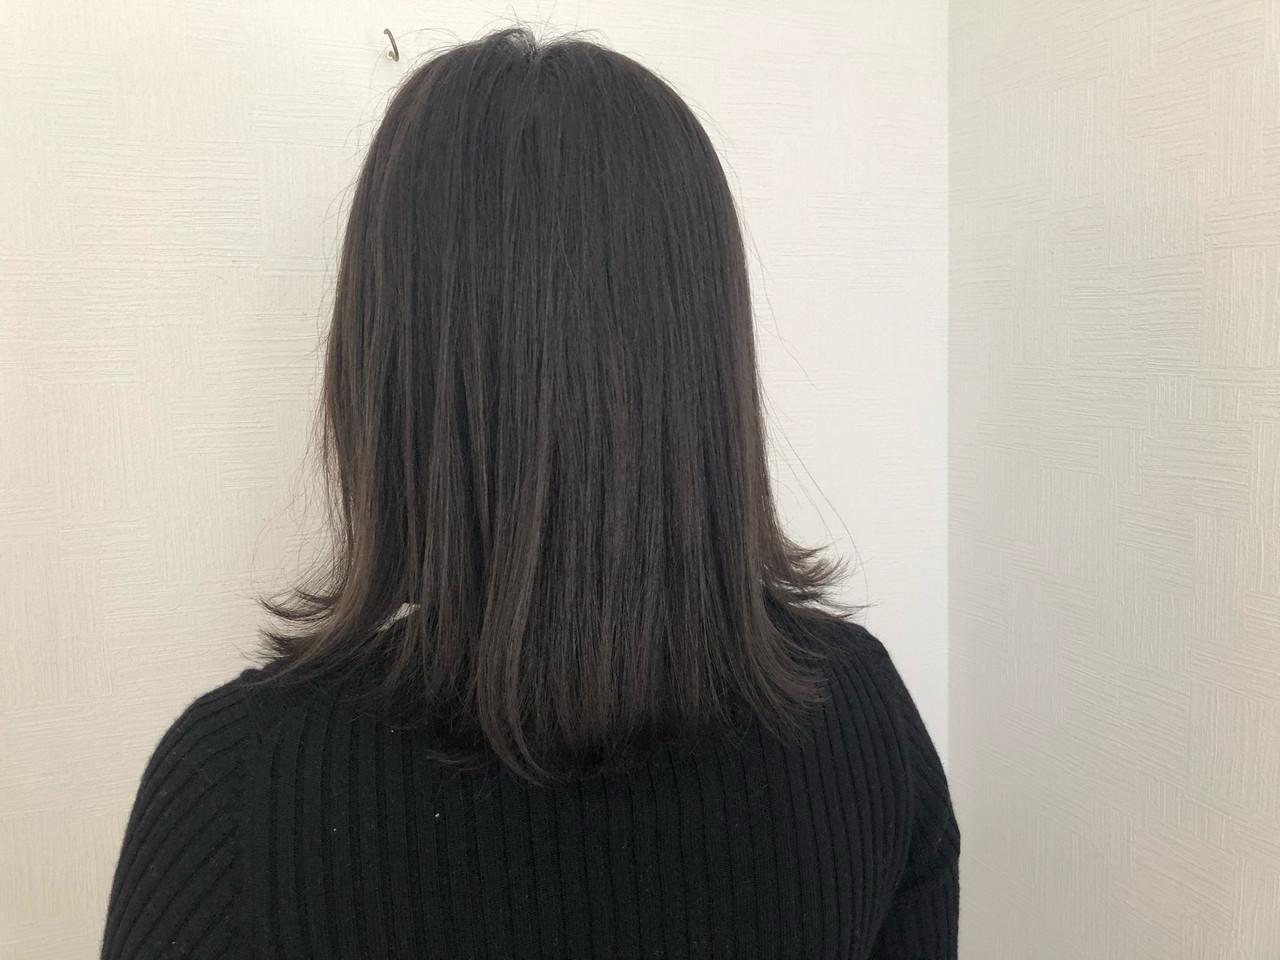 ヘアアレンジ スモーキーカラー アンニュイほつれヘア 簡単ヘアアレンジ ヘアスタイルや髪型の写真・画像 | 牧 優子 / agu HAIR cyan